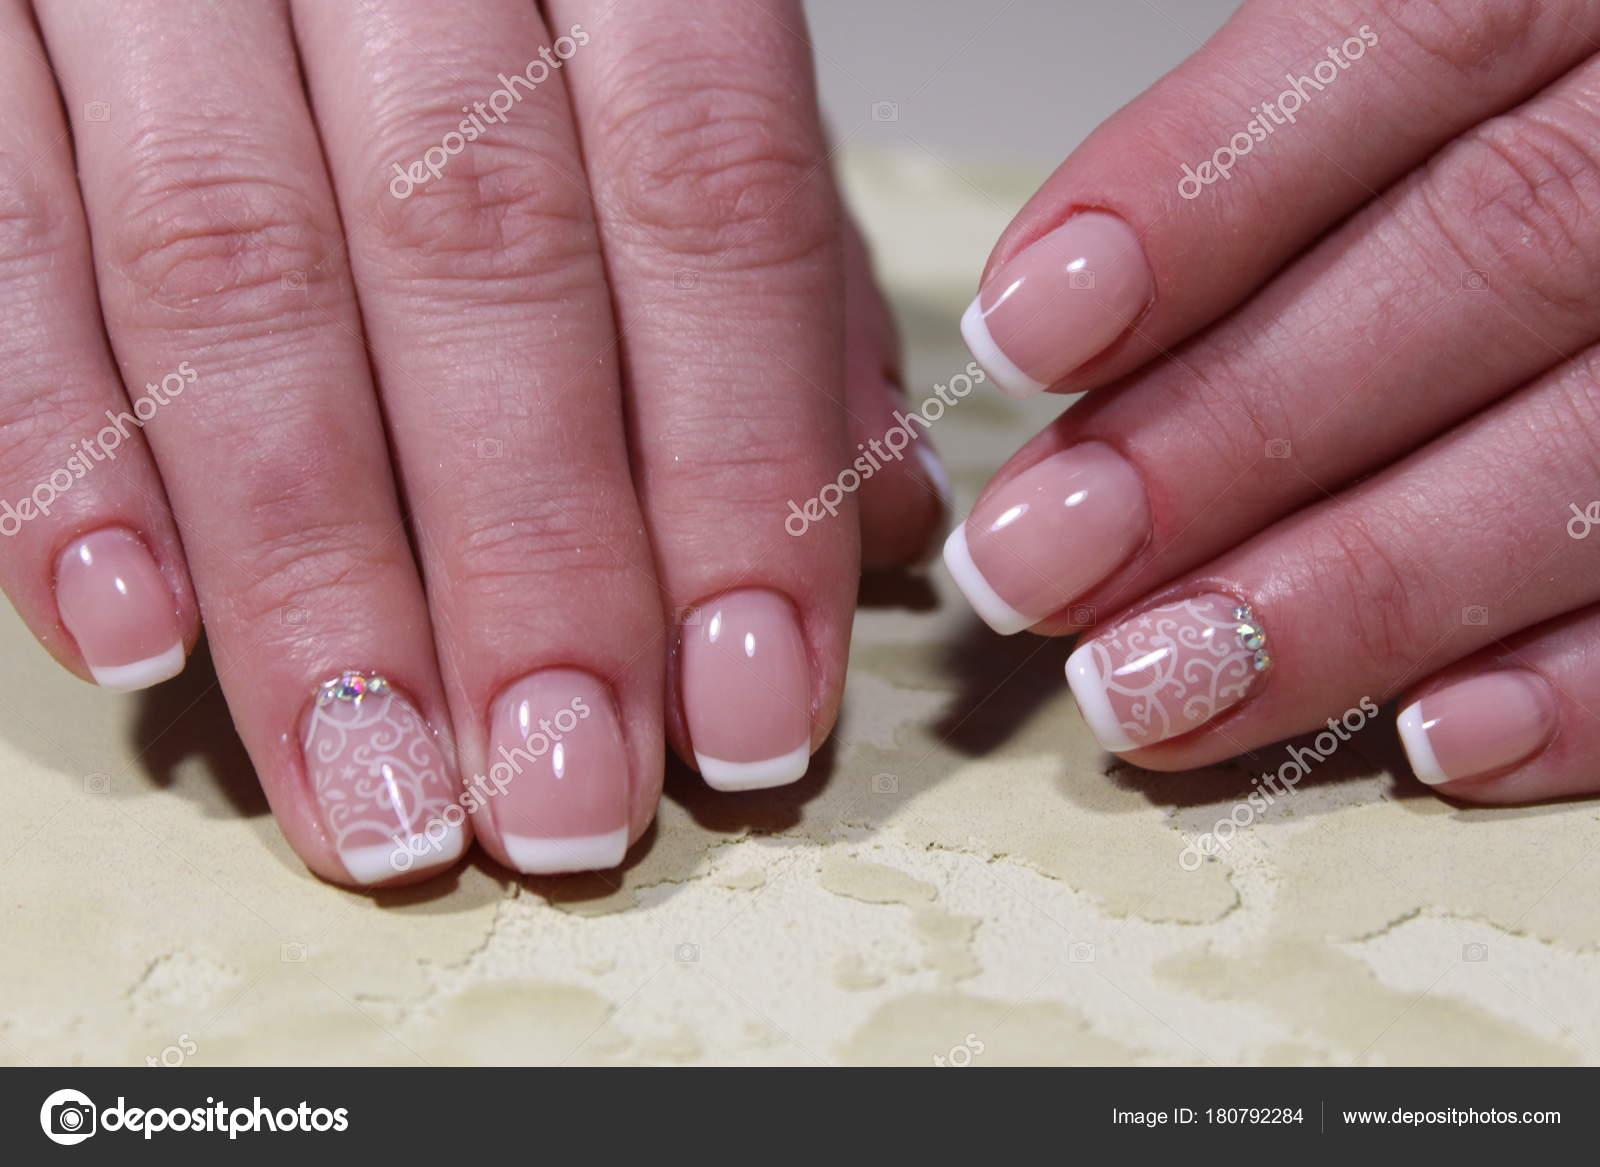 White French manicure design — Stock Photo © SmirMaxStock #180792284